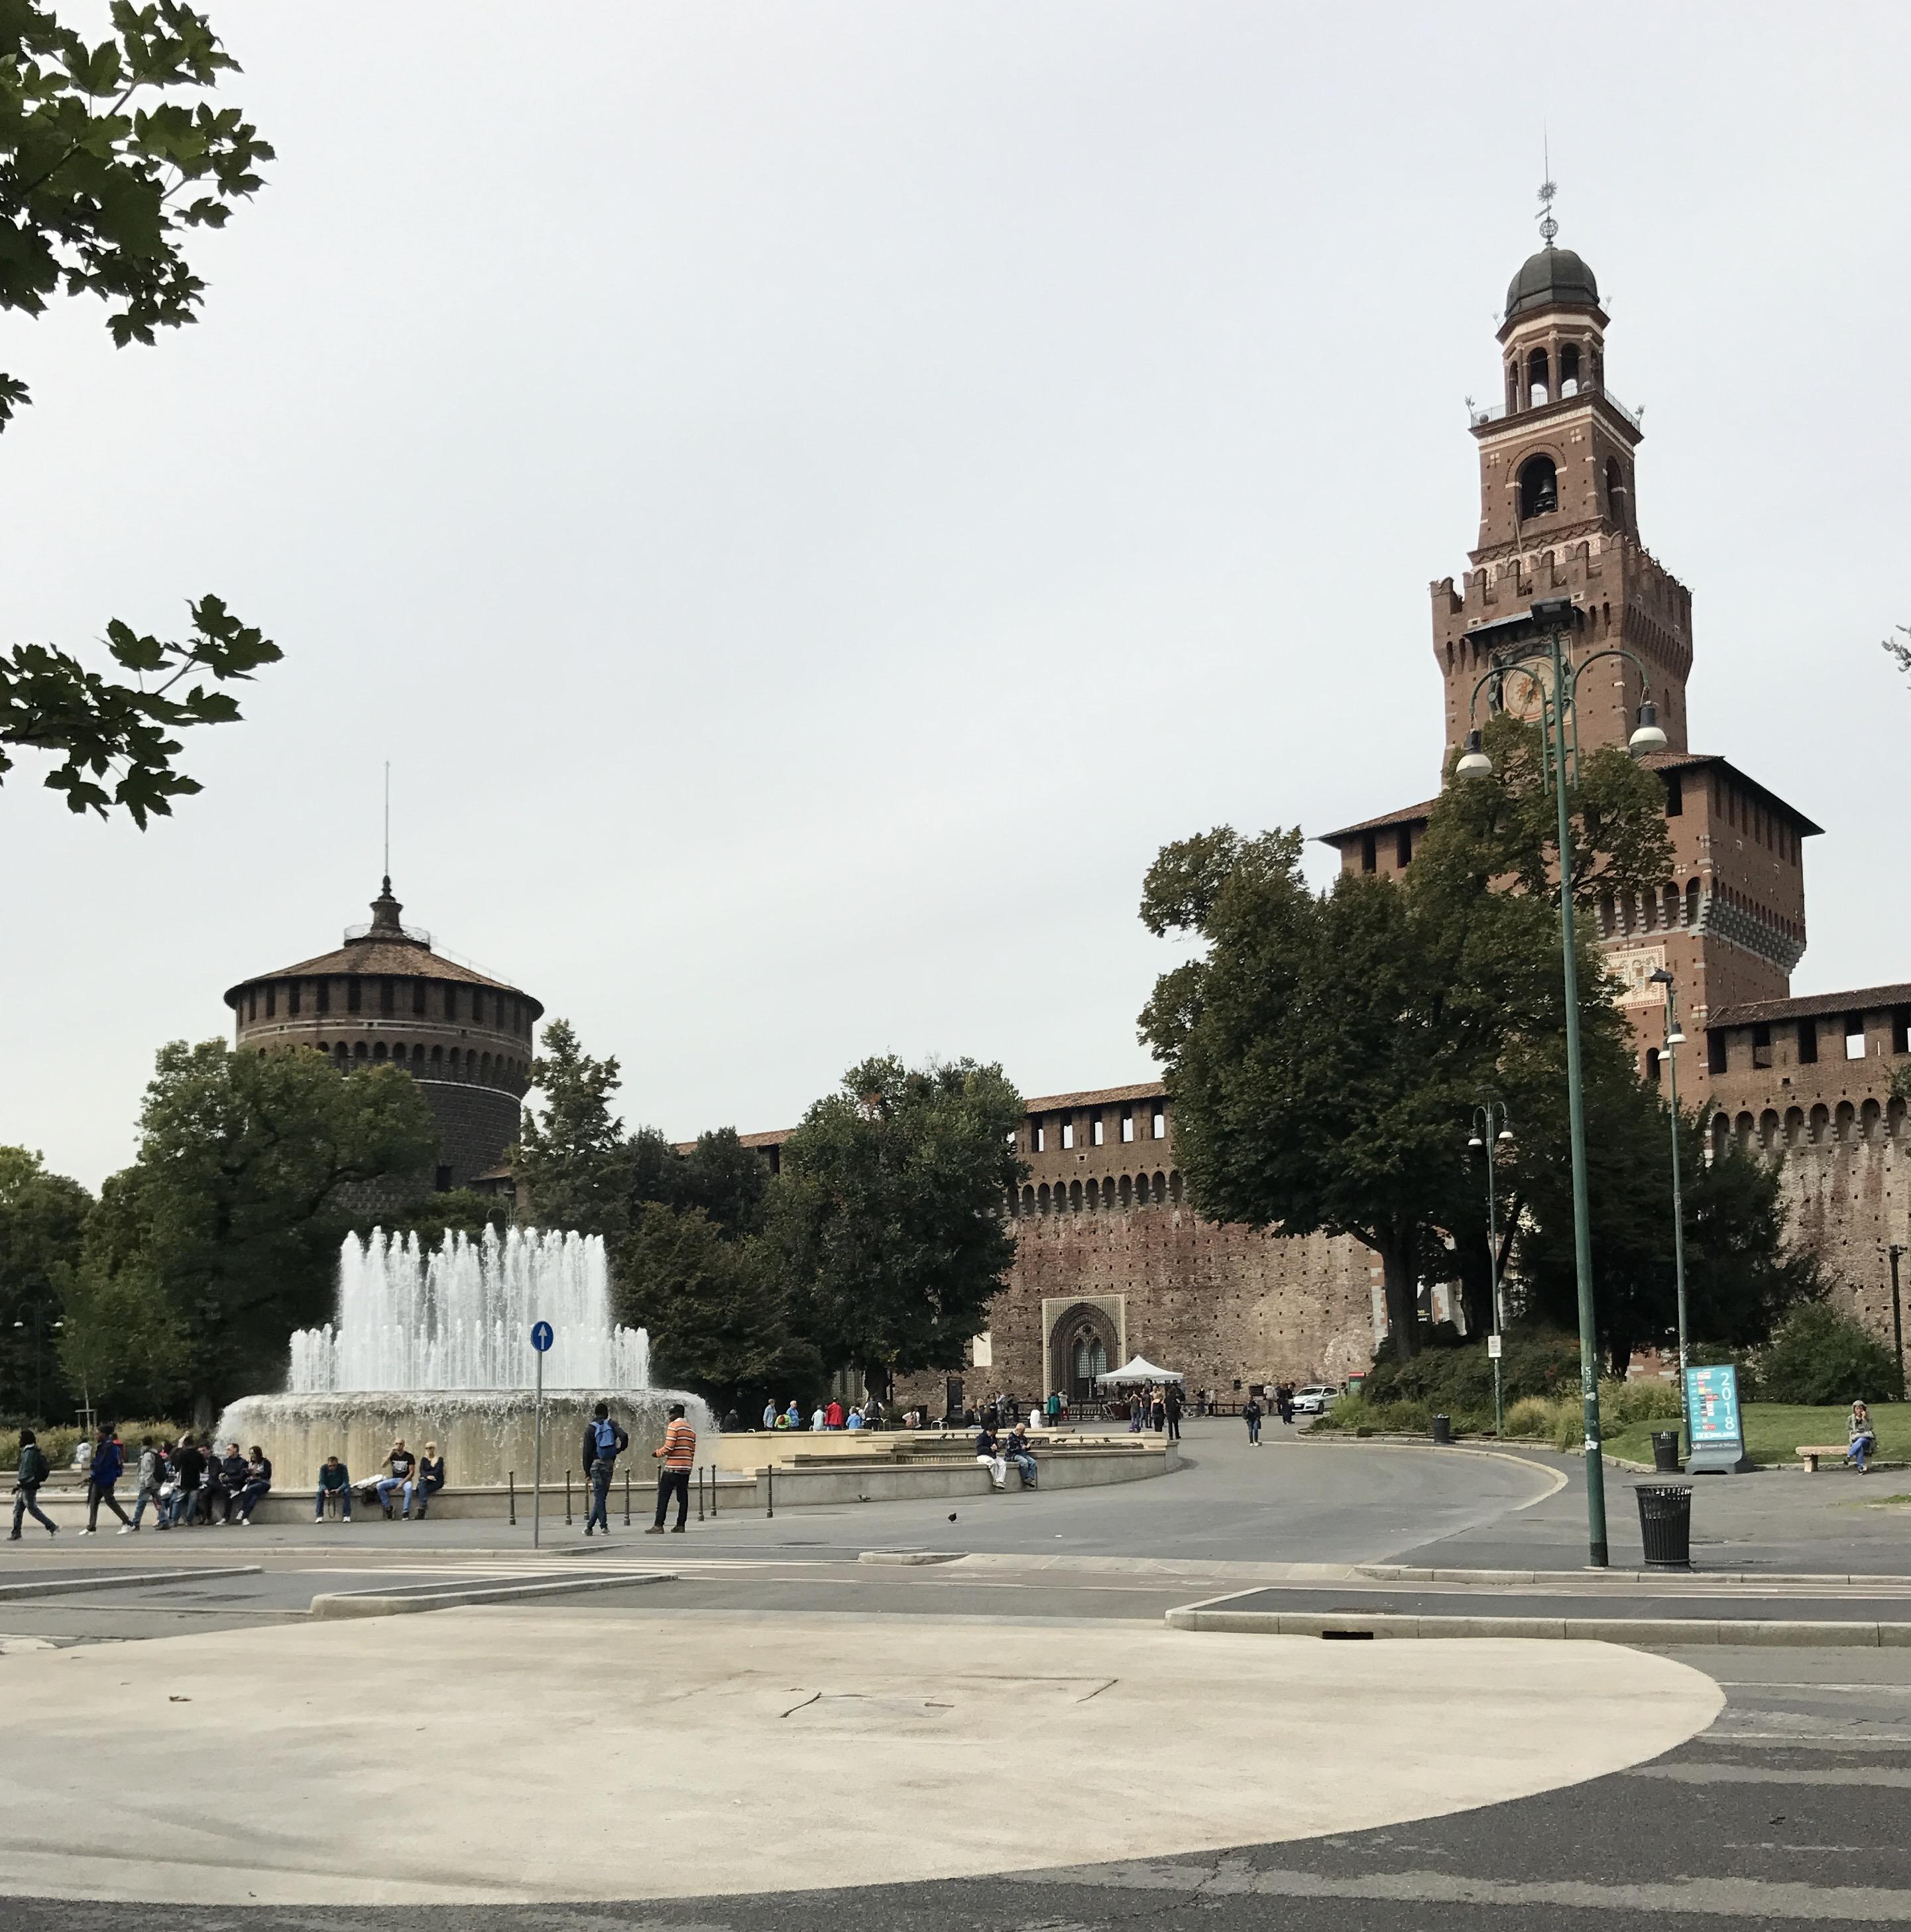 Castelo Sforcesco